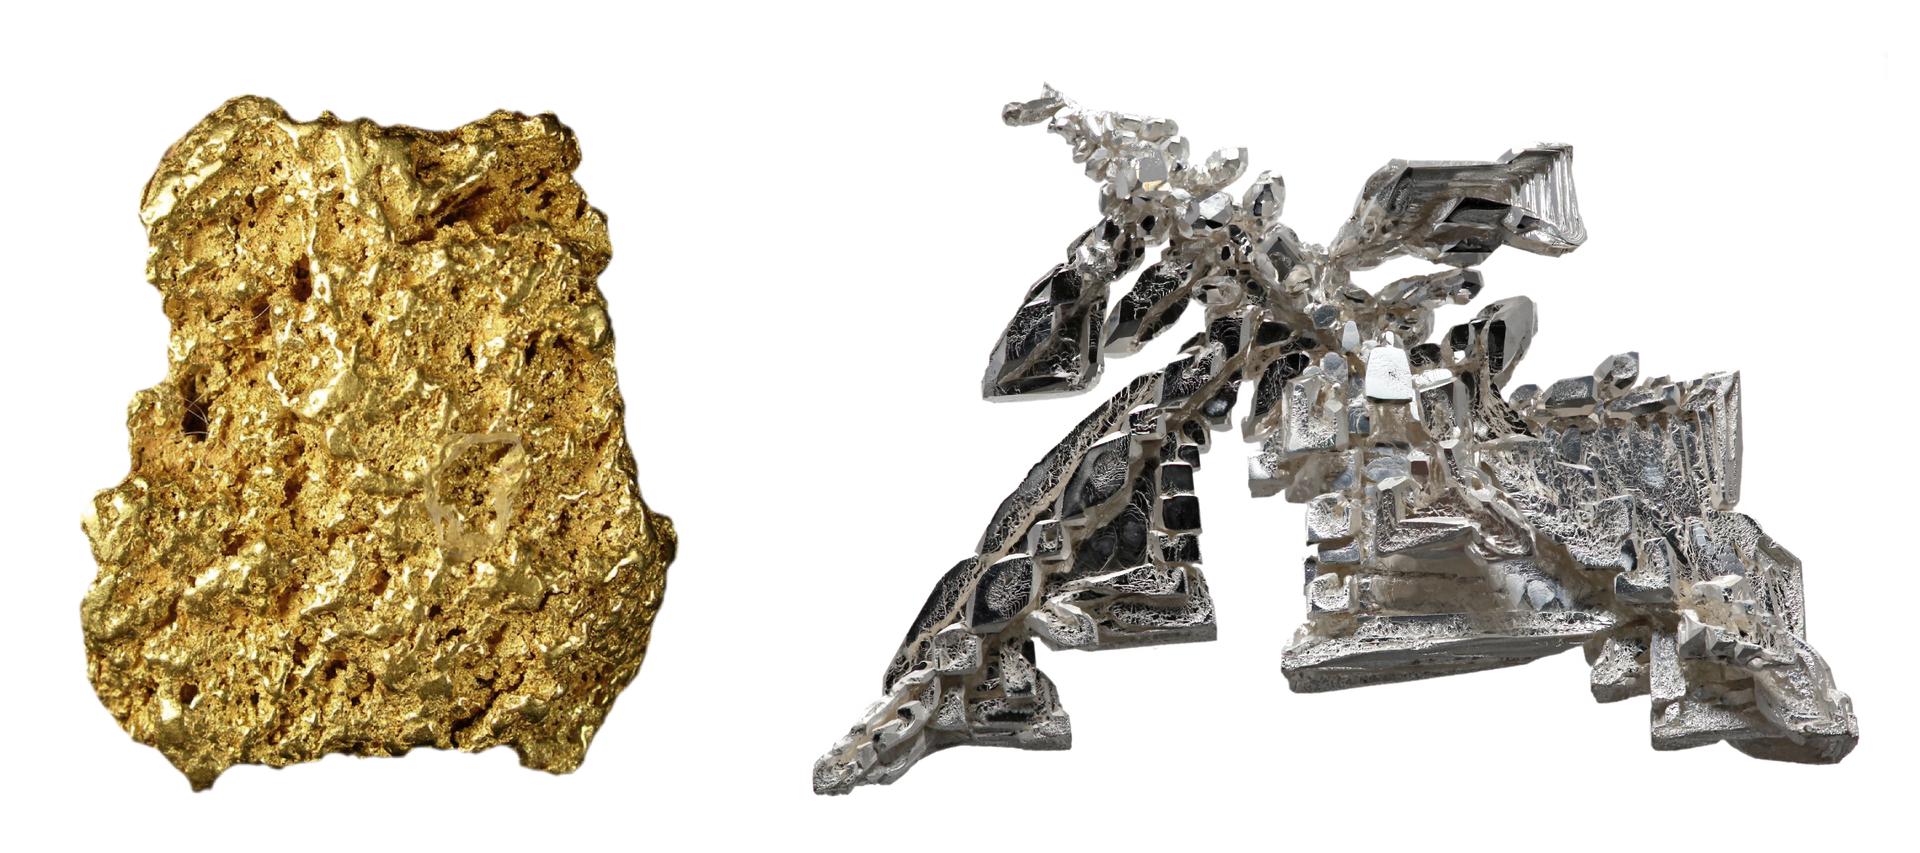 Zestawione ze sobą dwa zdjęcia metali wpostaci czystej. Lewe przedstawia złoty samorodek oprostym kształcie, natomiast prawe, srebro uzyskane wprocesie elektrolizy, którego fantazyjny kształt przywodzi na myśl skojarzenia ze smokiem.